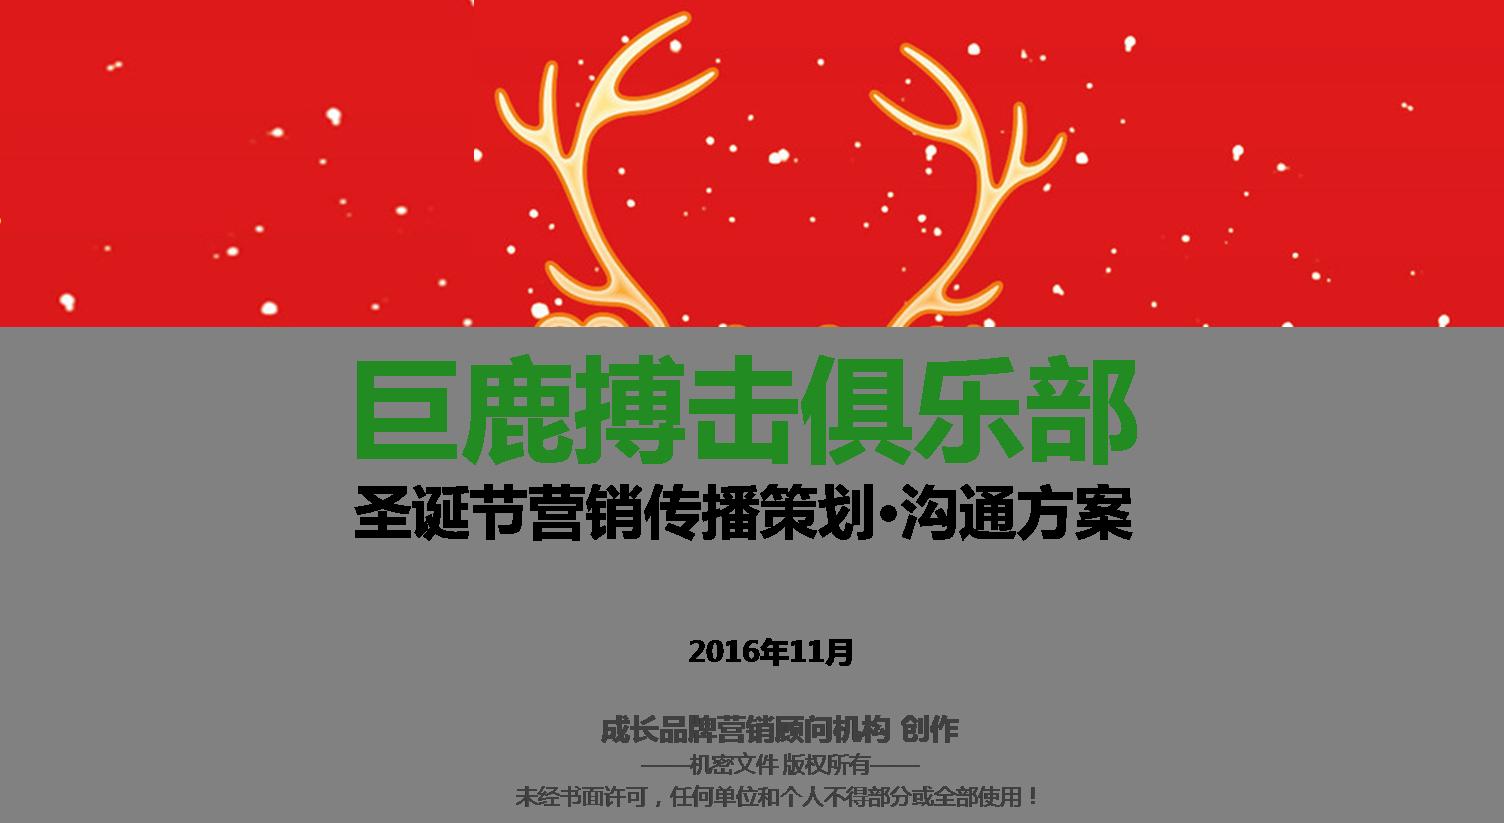 巨鹿搏击俱乐部 圣诞节营销传播策划·沟通方案